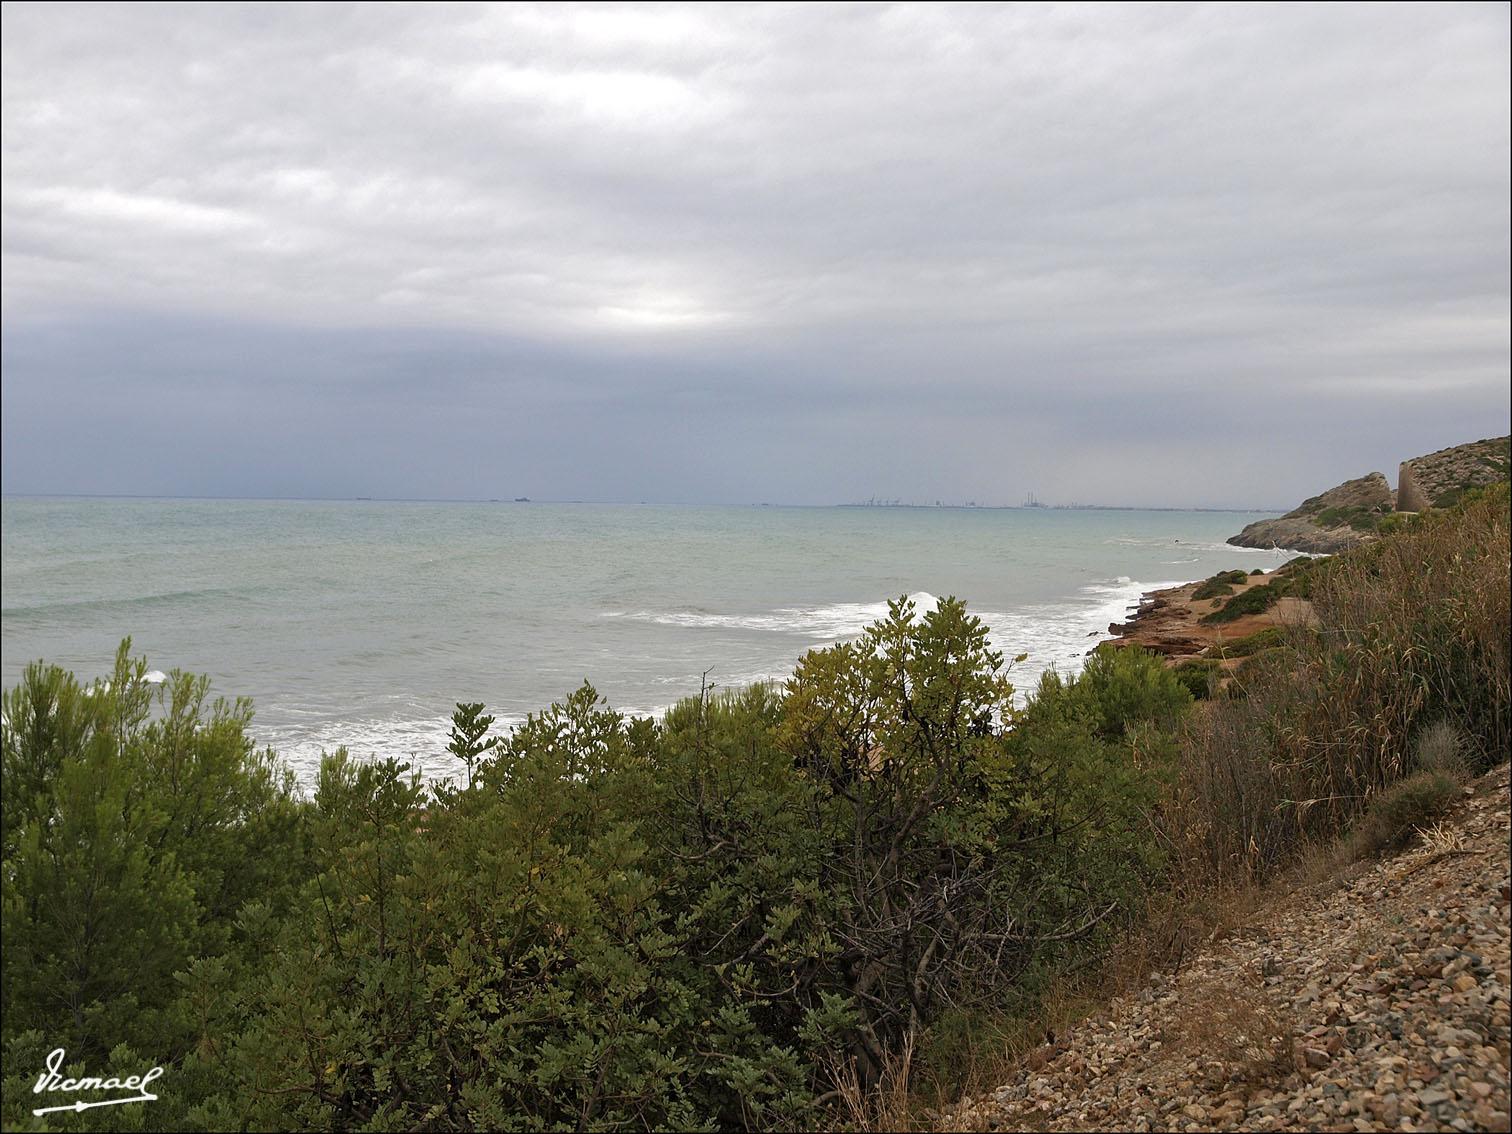 Foto playa Renega. 090905-64 CAMINO VERDE OROPESA-BENICASIN